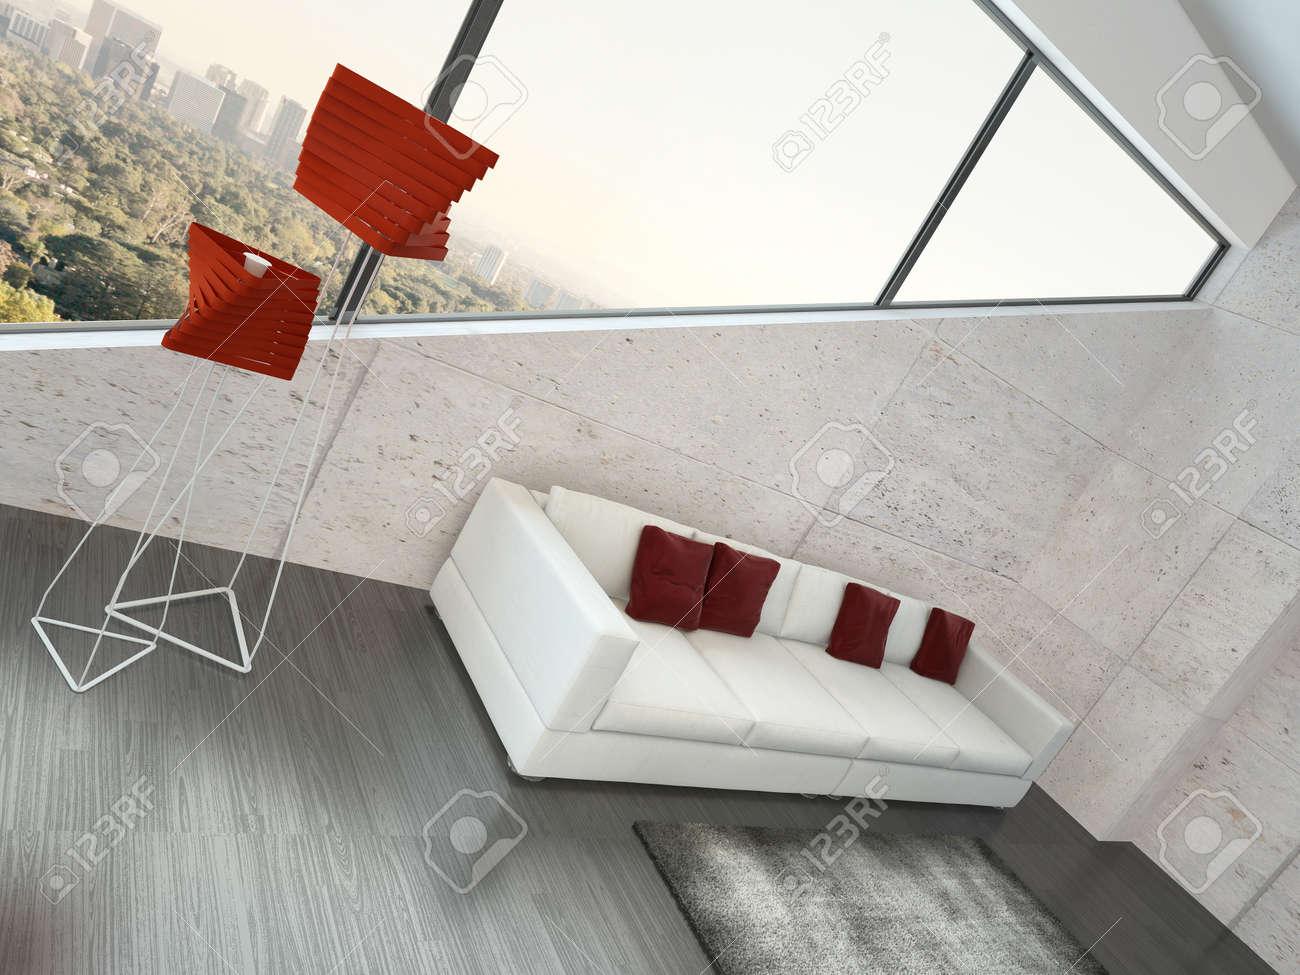 Moderne Wohnzimmer Interieur Mit Weissen Couch Roten Kissen Lizenzfreie Bilder